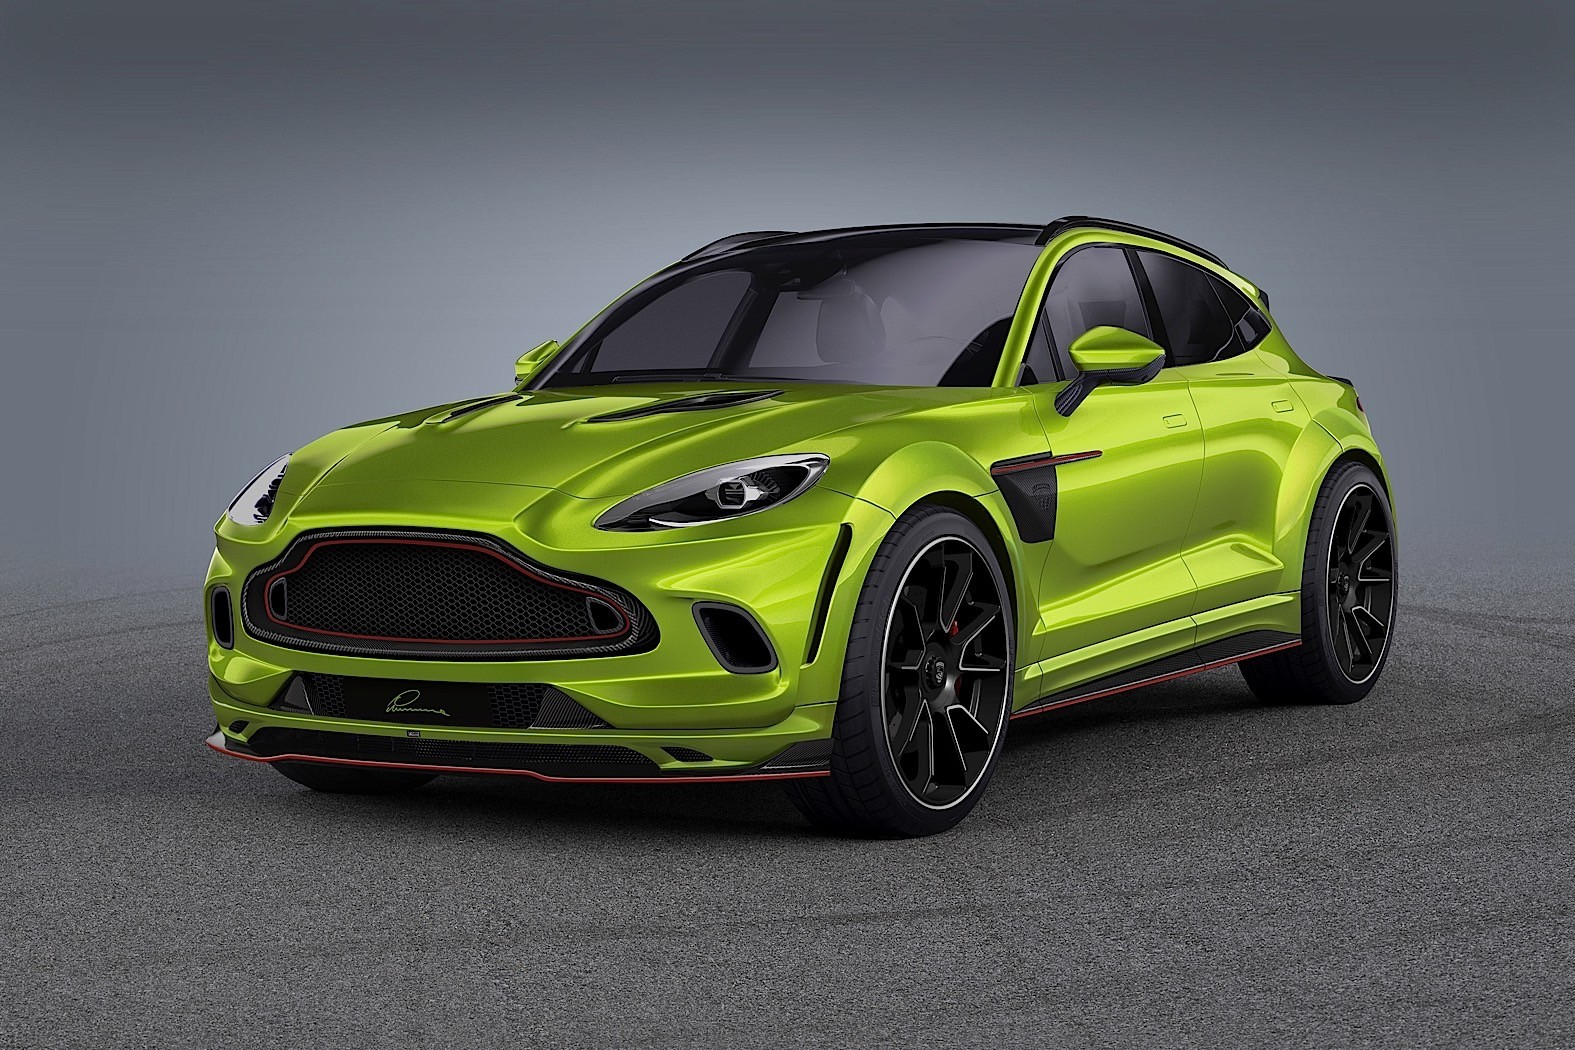 Ultra Wide Aston Martin Dbx By Lumma Design Loses Most Suv Abilities Autoevolution